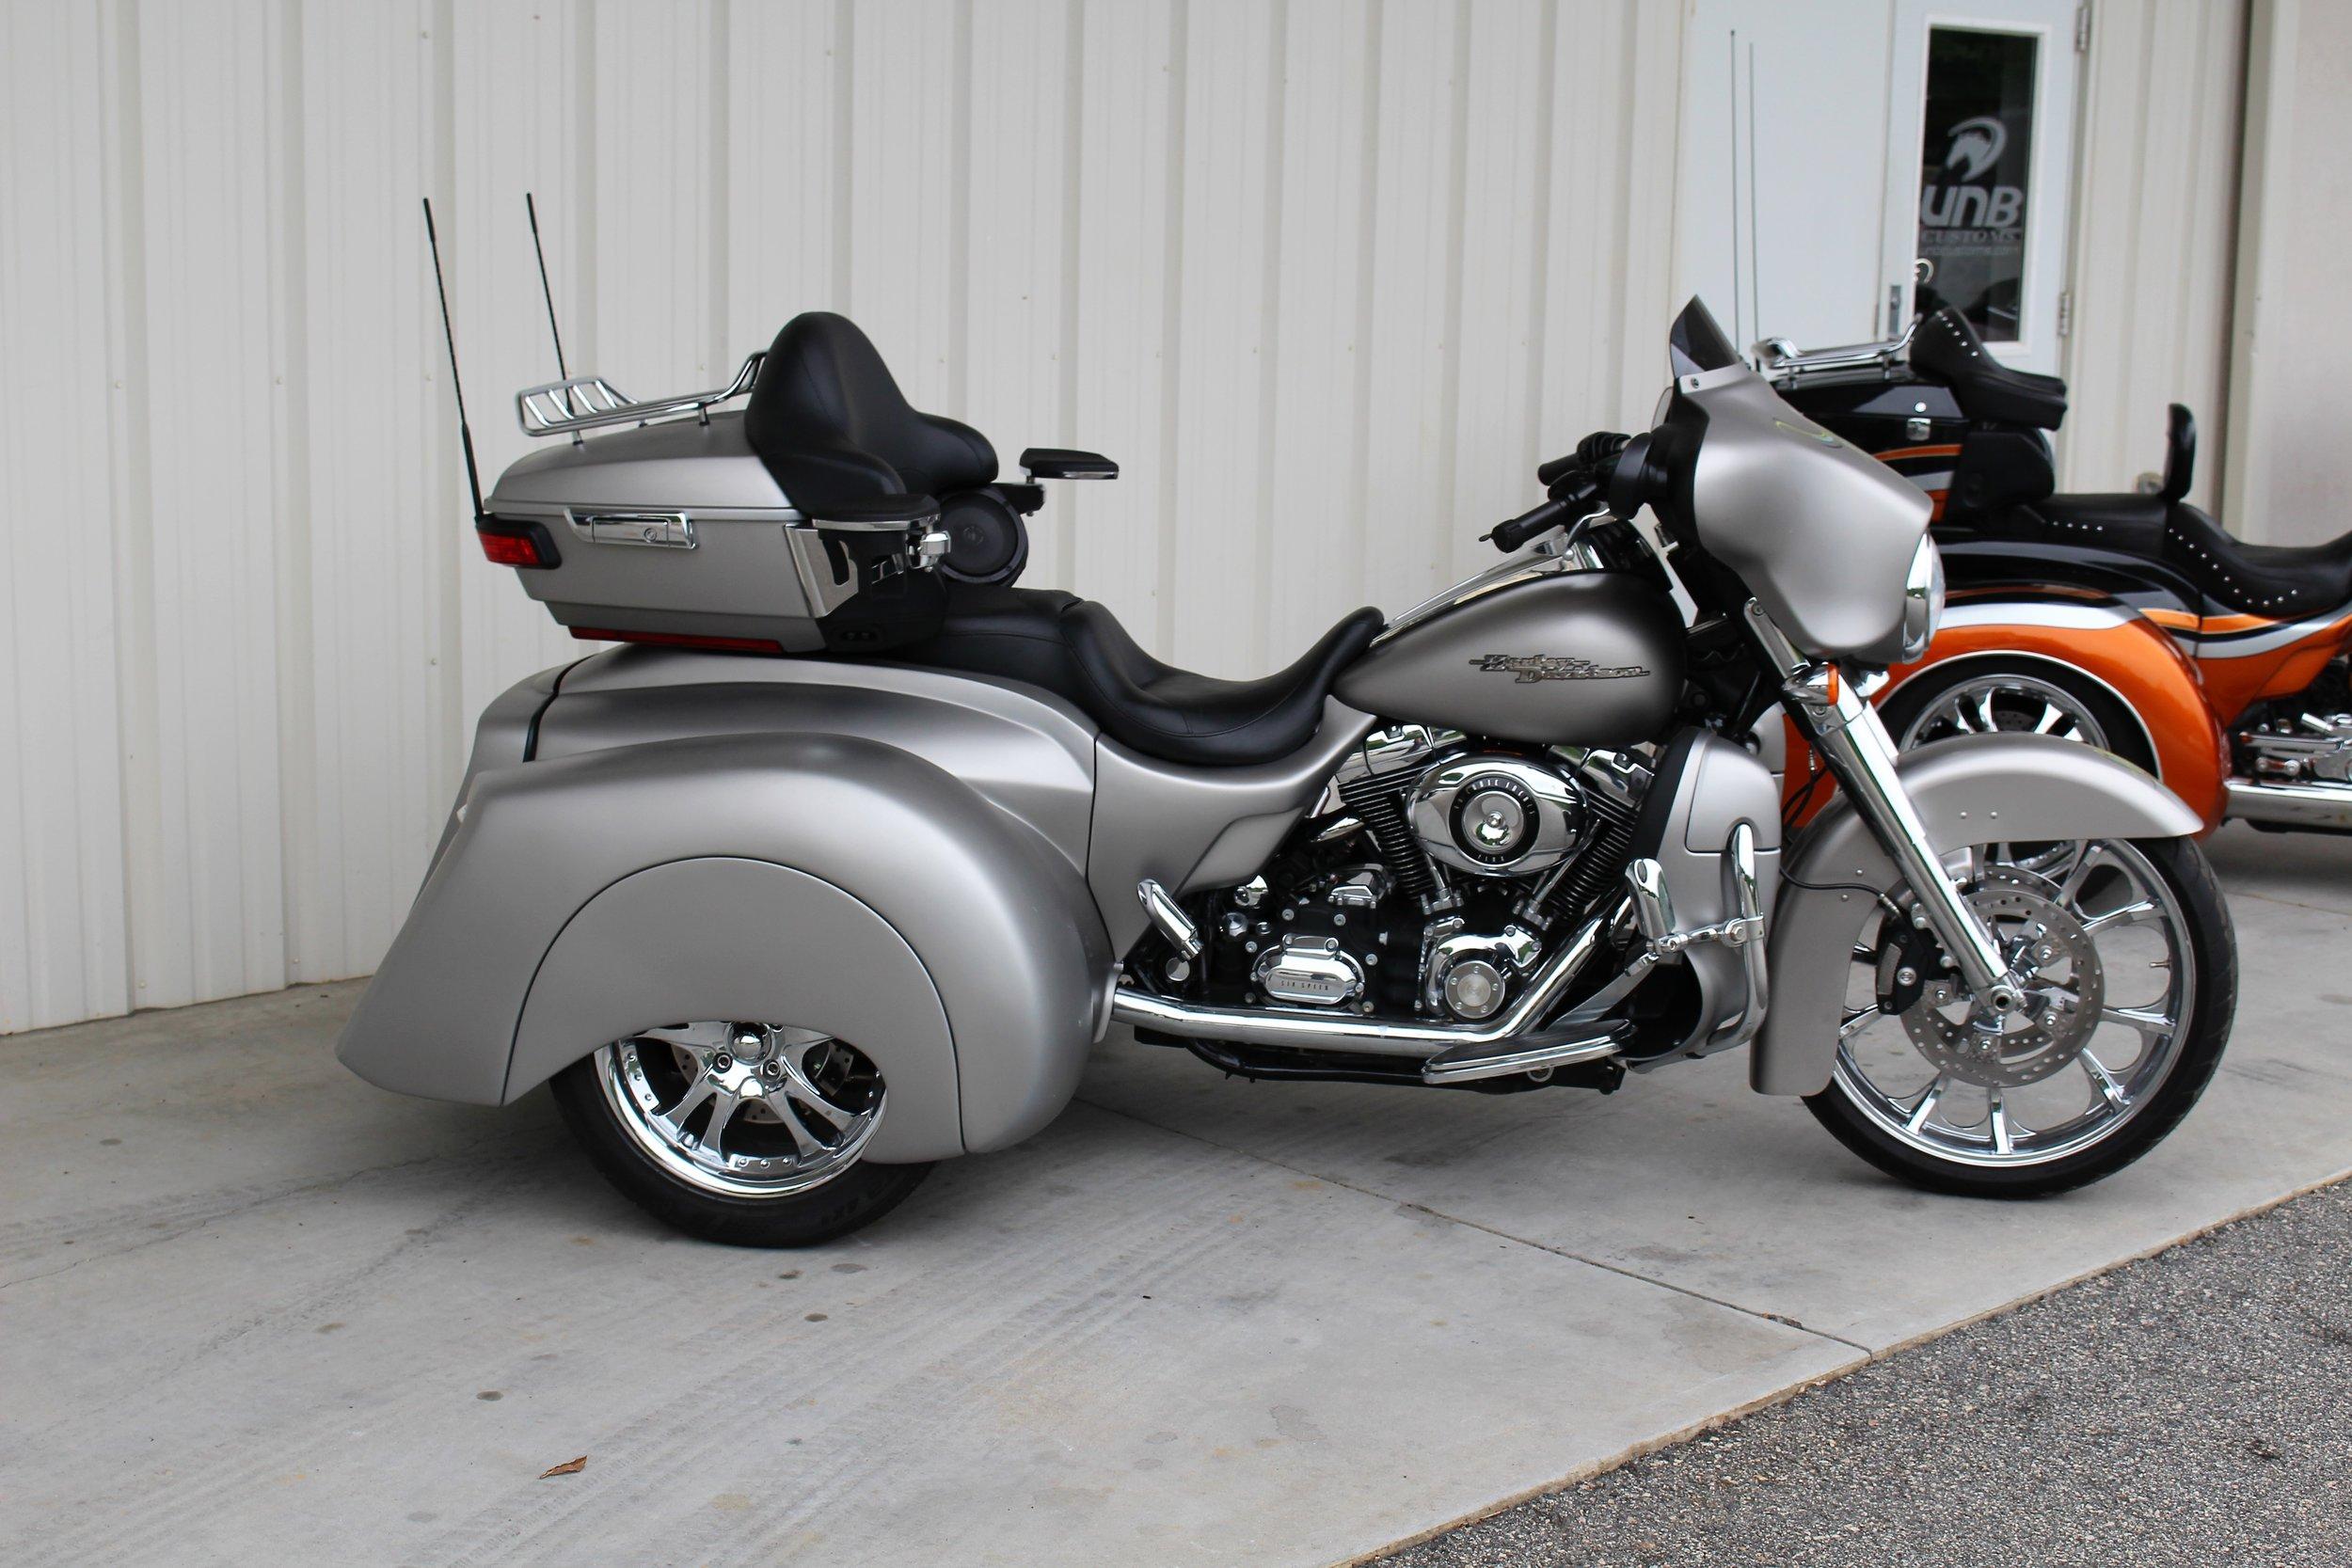 Harley Davidson transformer trike touring built